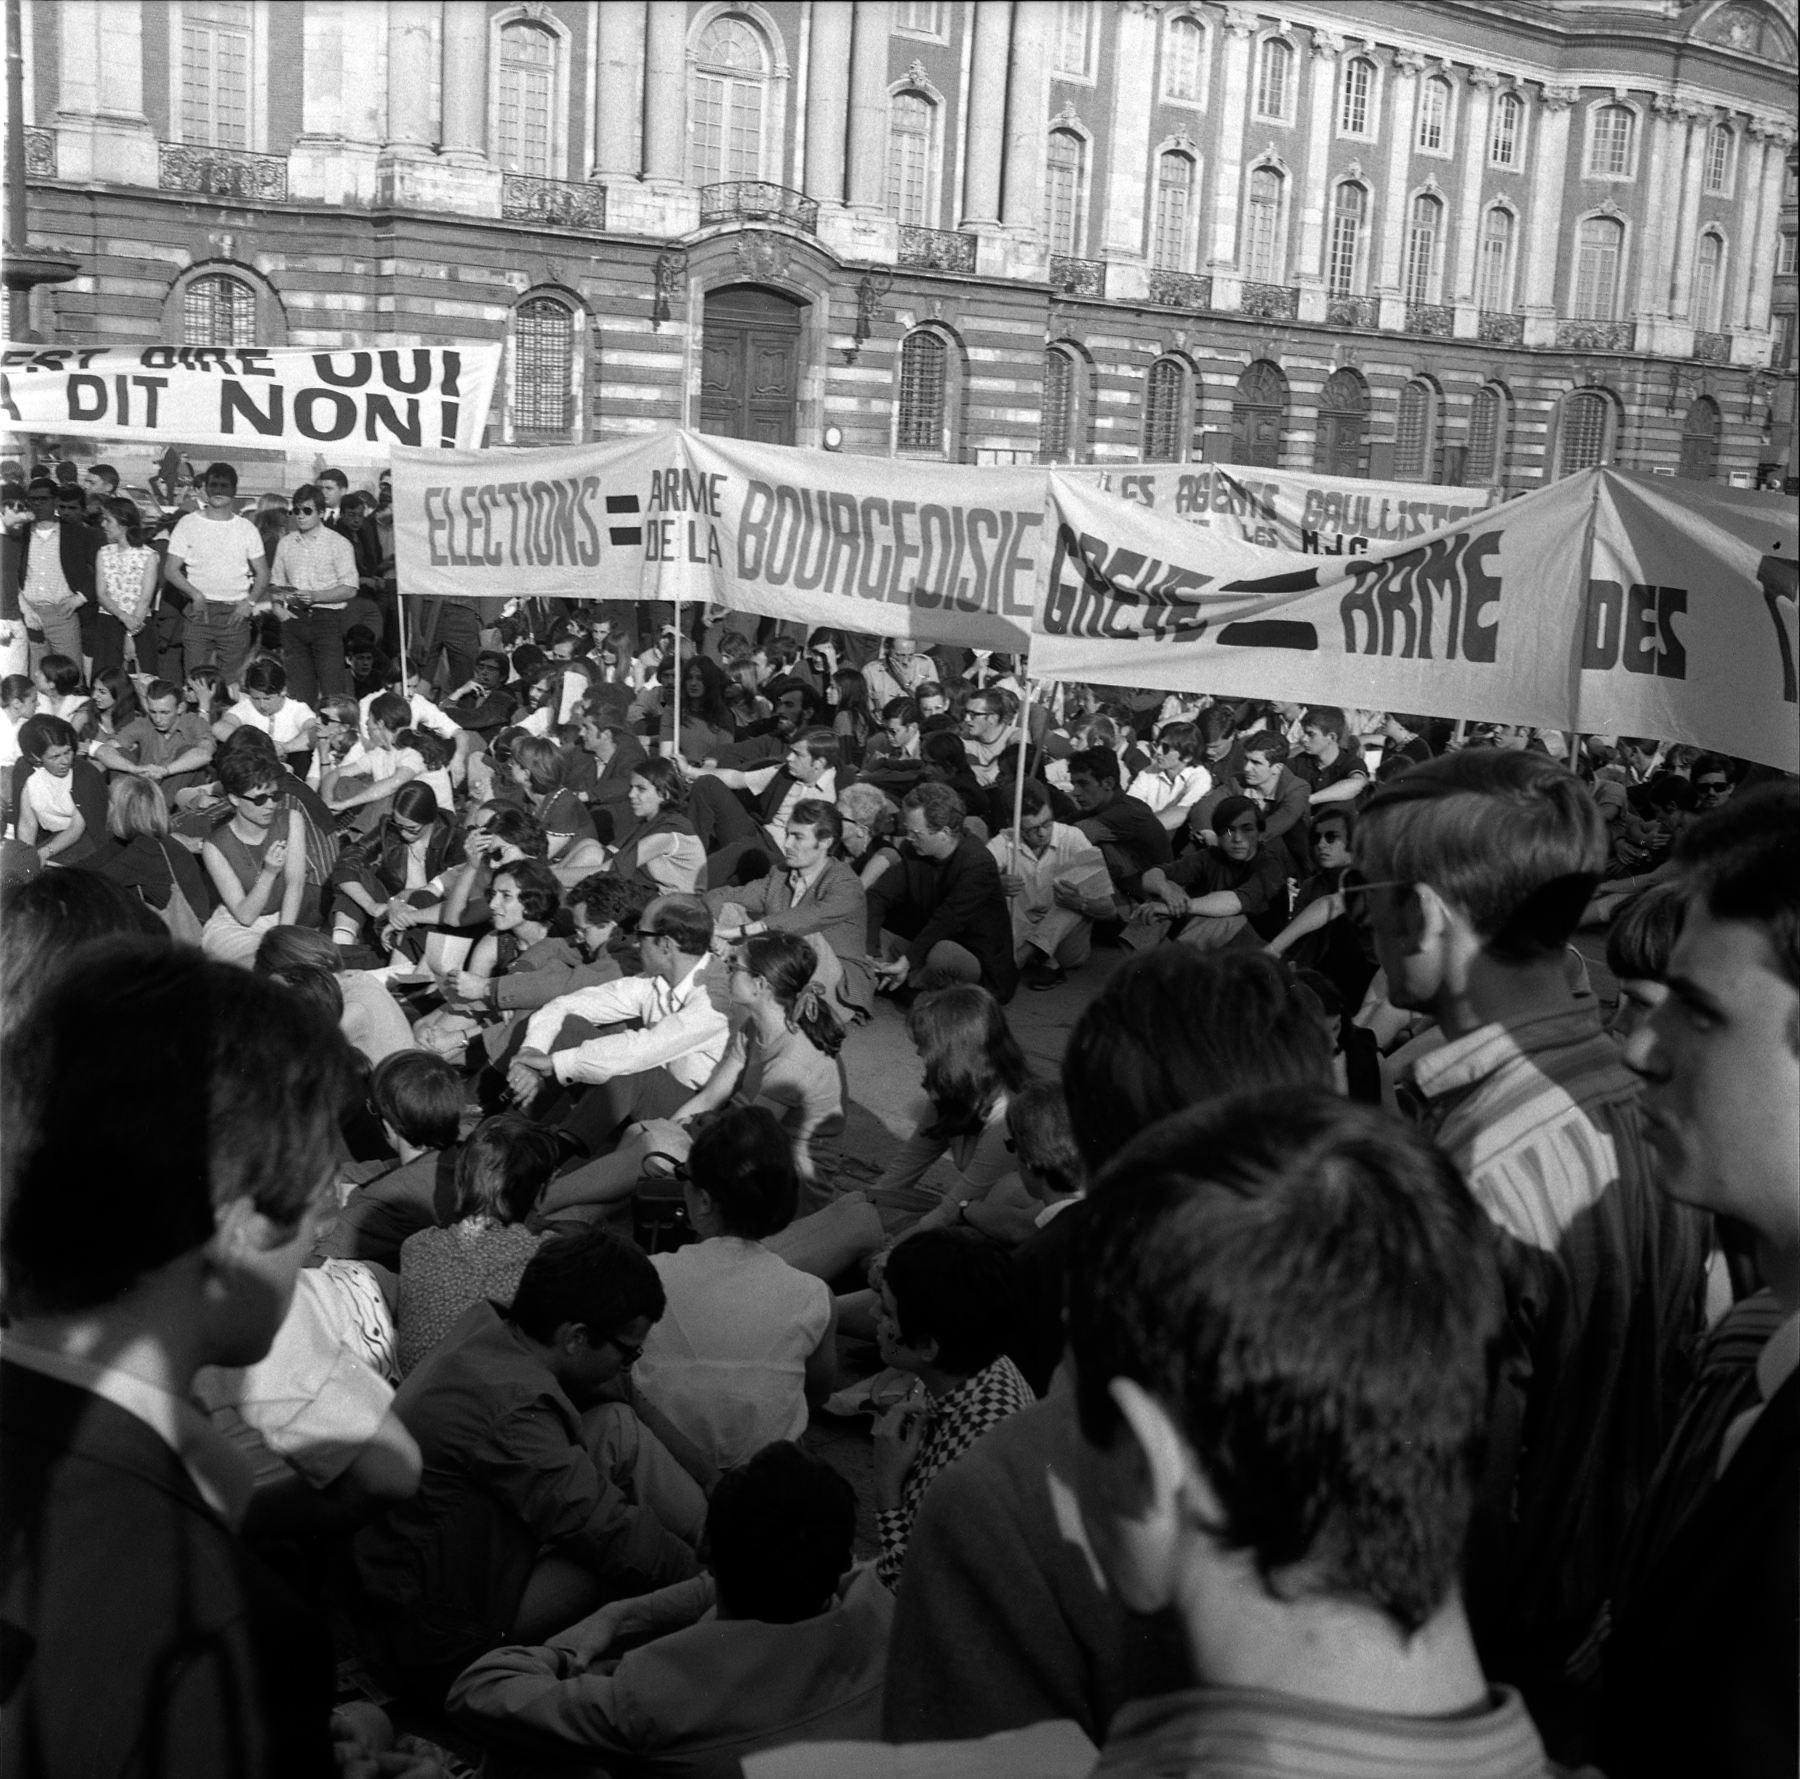 Toulouse, Place du Capitole, 11 ou 12 juin 1968 (Crédit photo : Fonds André Cros)